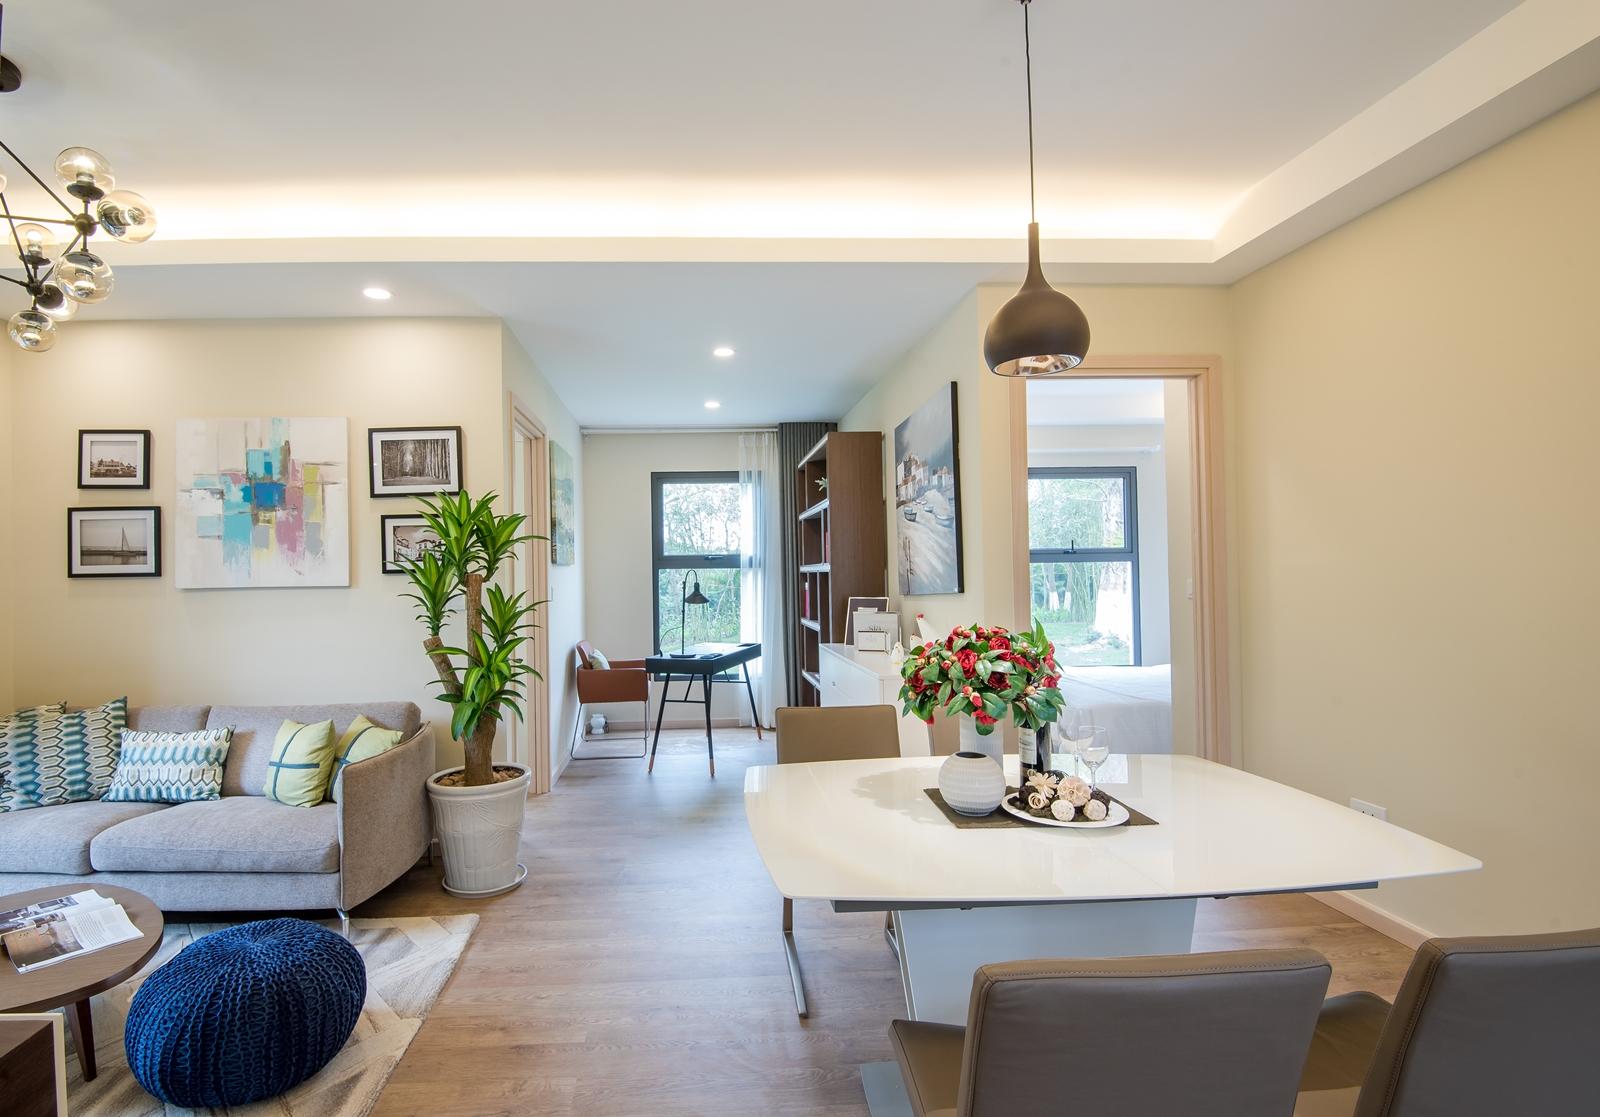 Lưu ý khi đặt bếp và nhà vệ sinh cạnh nhau - Thiết kế biệt thự phố 3